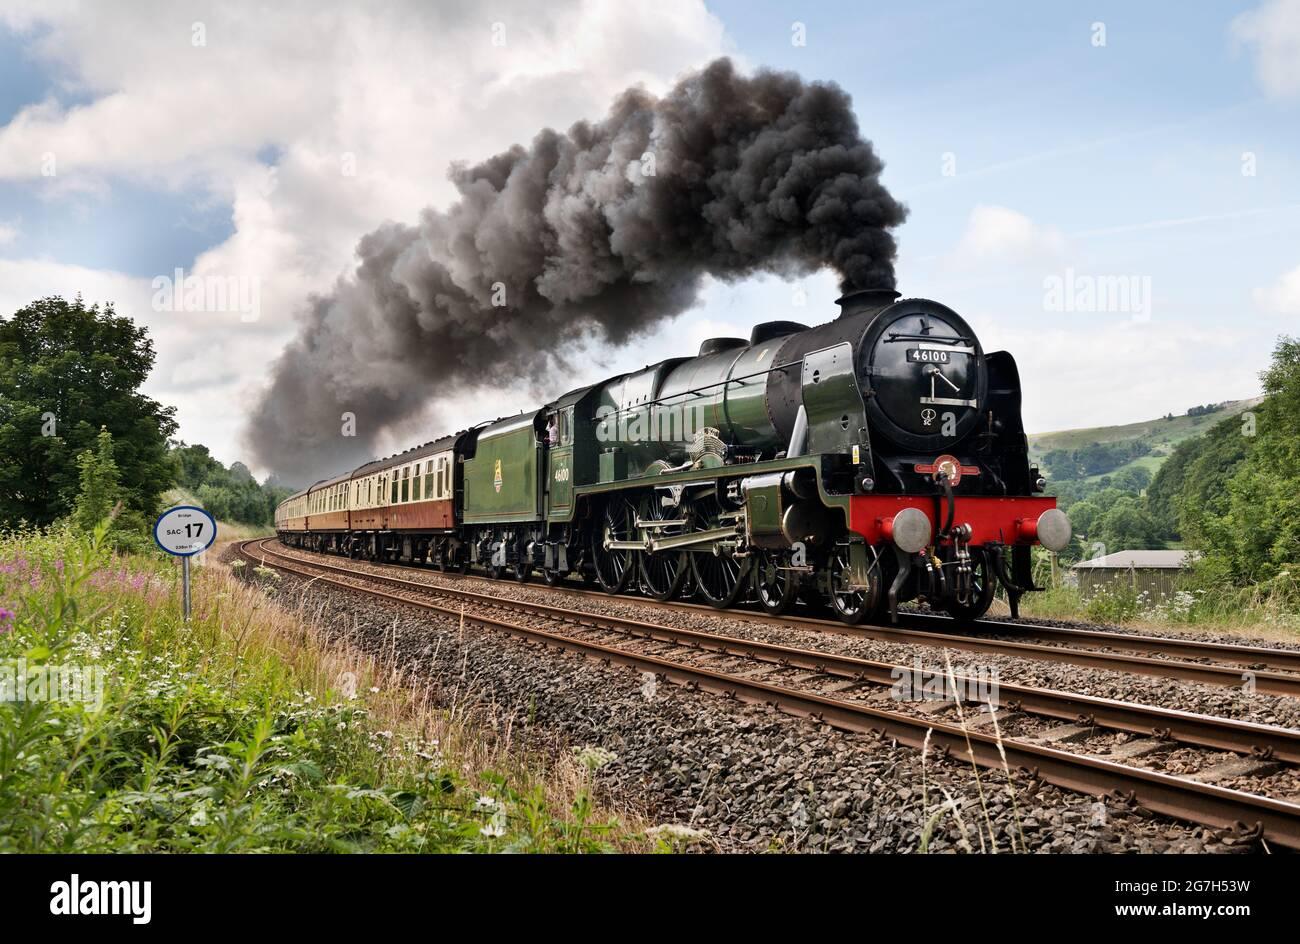 Settle, North Yorkshire, 14/07/2021, la locomotora de vapor 'Royal Scot' sube el empinado gradiente en la línea de ferrocarril Settle-Carlisle con 'The Fellsman', una carrera especial de retorno de 300 millas por Saphos Trains, viajando de Crewe a Carlisle. Visto aquí en Langcliffe, cerca de Settle. Crédito: John Bentley/Alamy Live News Foto de stock